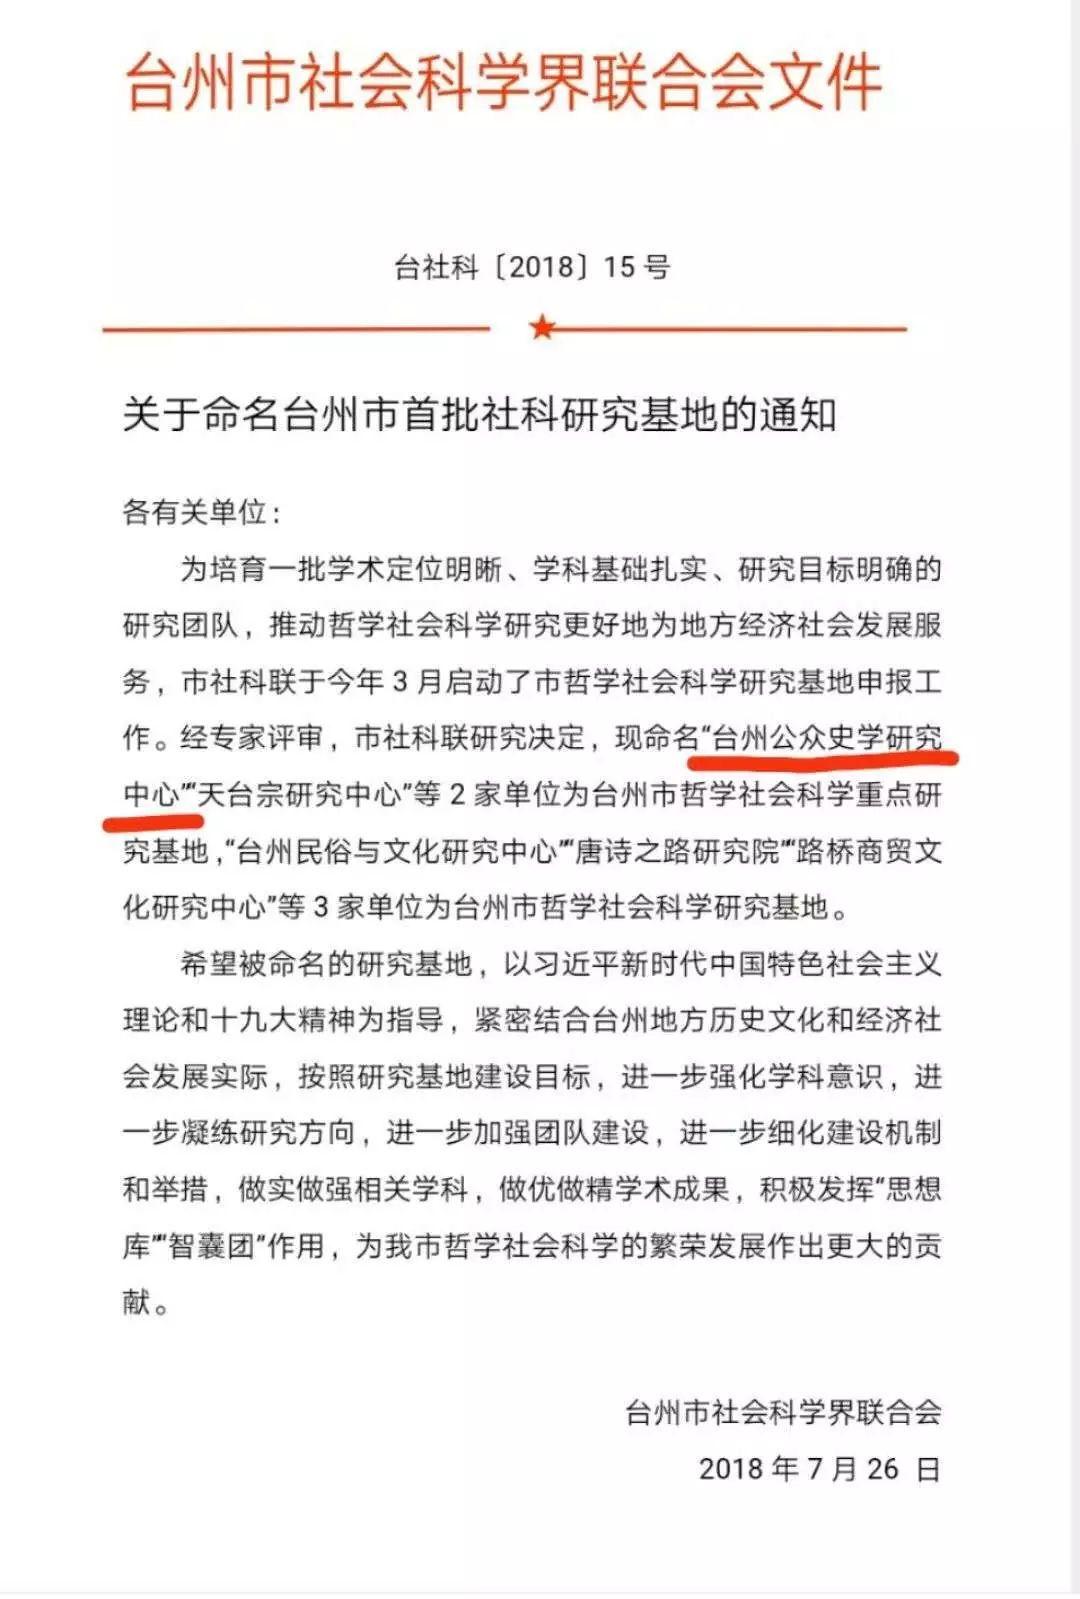 全国首个公众史学研究基地在台州出现